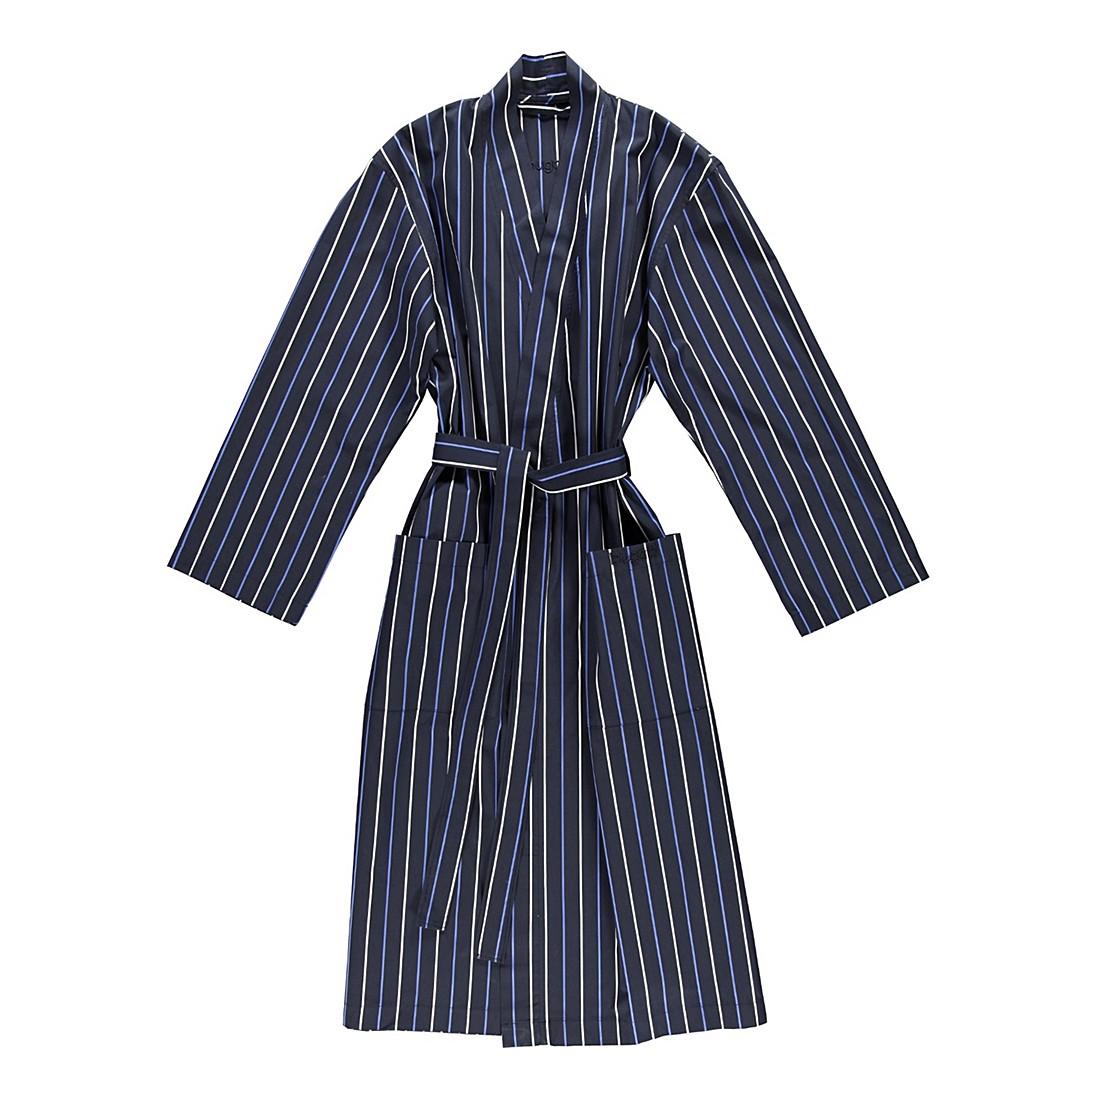 Bademantel Linio – Herren – Glattstoff – 100% Baumwolle Blau – Größe: XXL, Bugatti jetzt kaufen